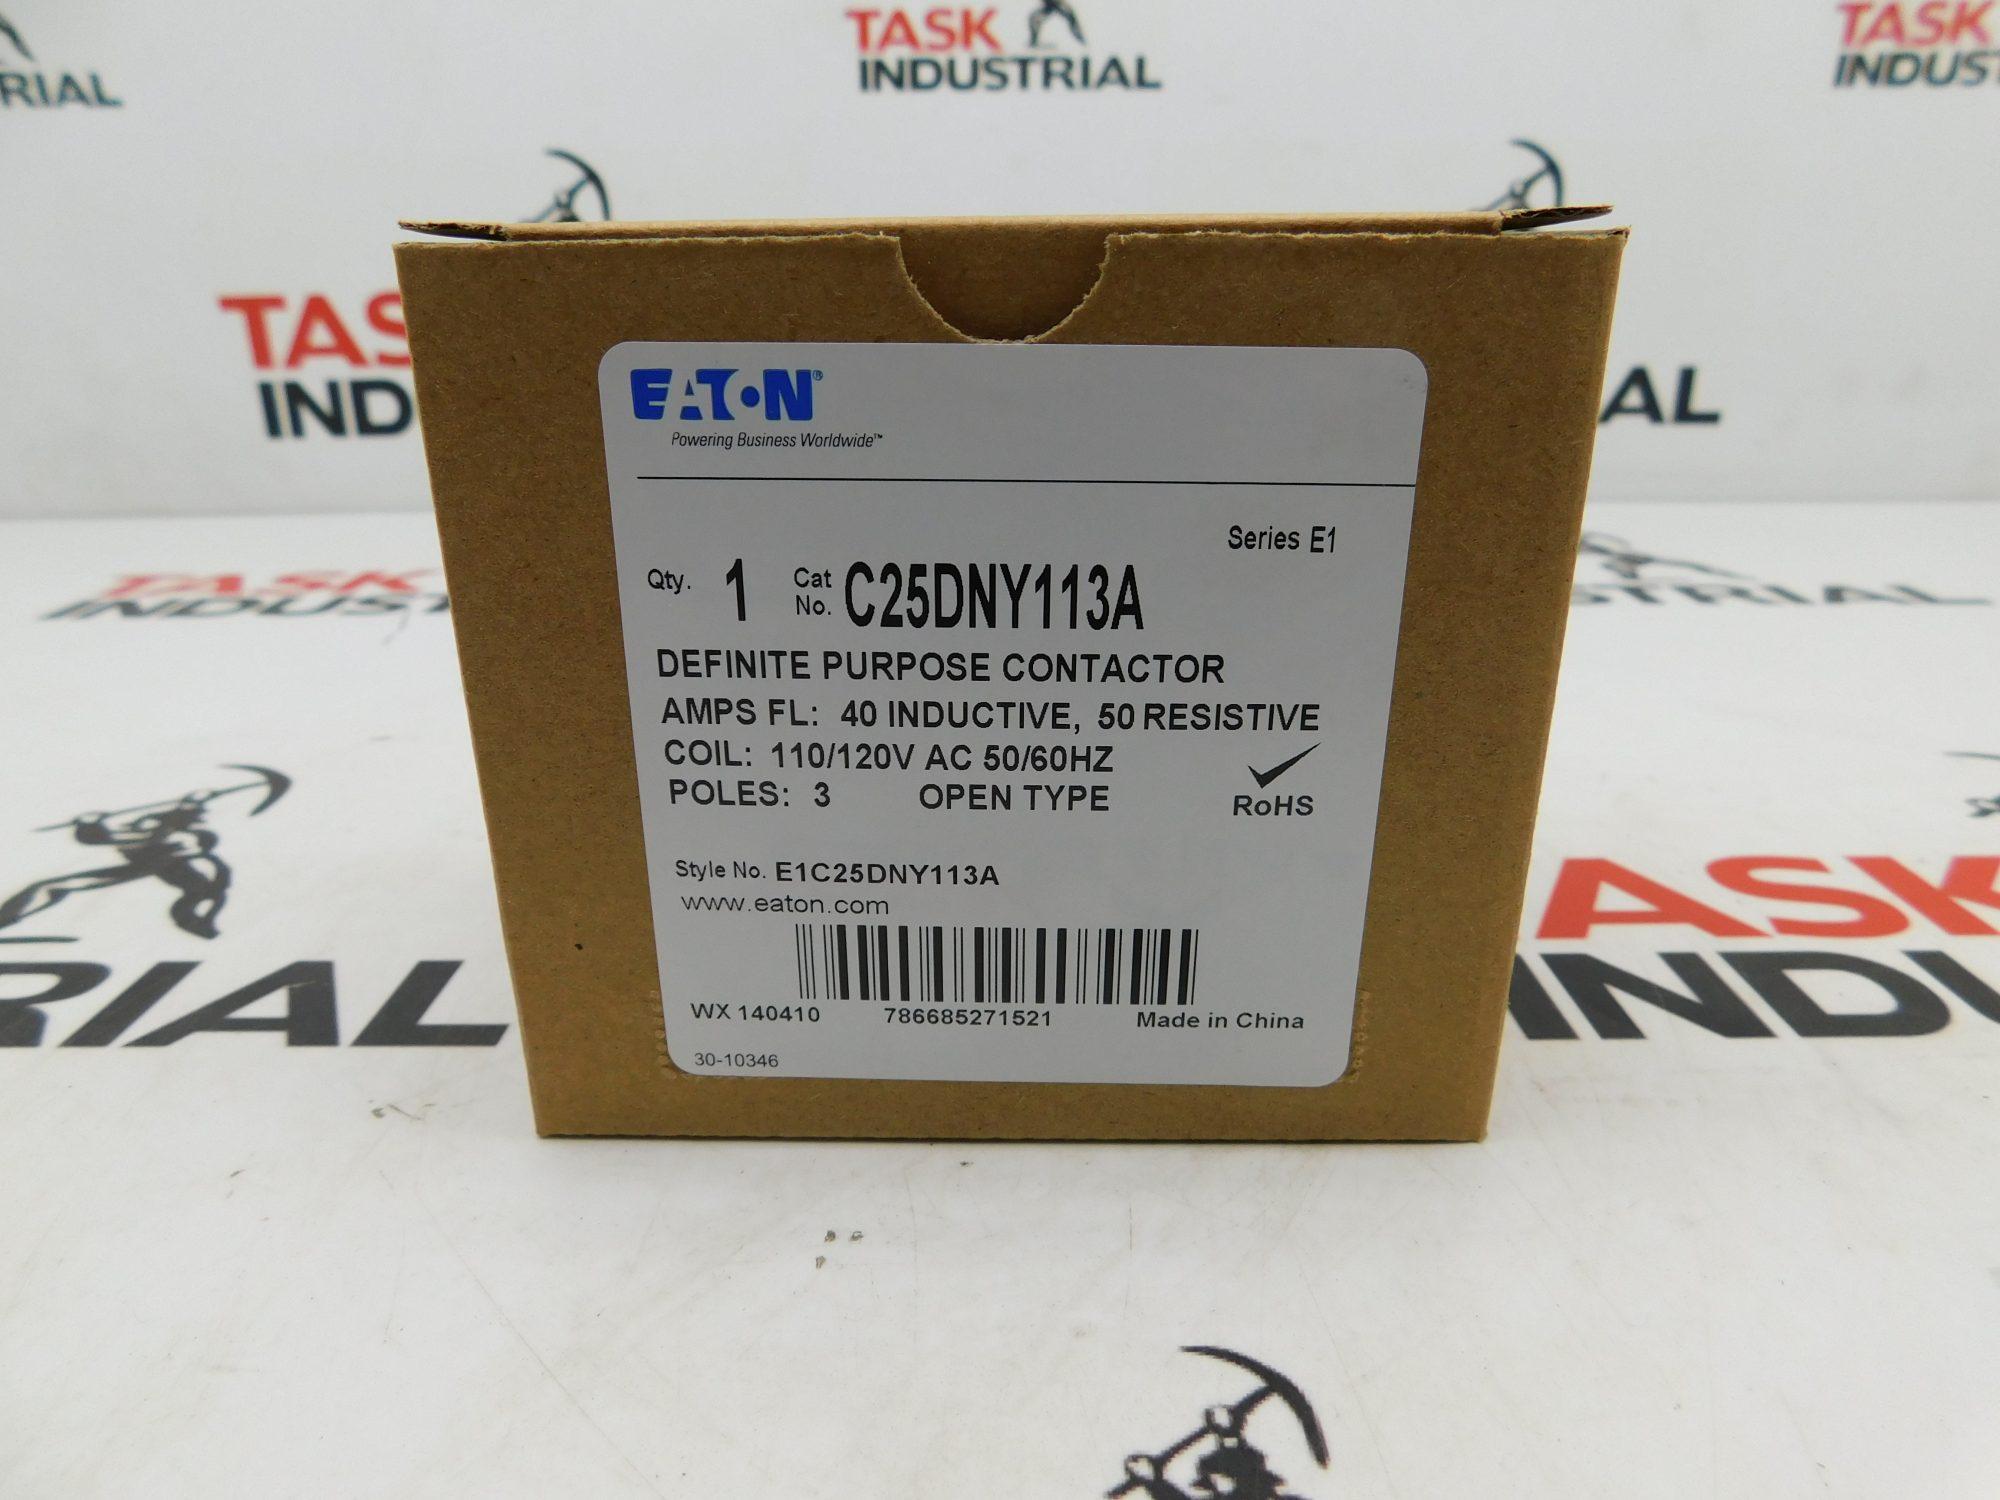 Eaton Definite Purpose Contactor 40AMP CAT No. C25DNY113A Series E1